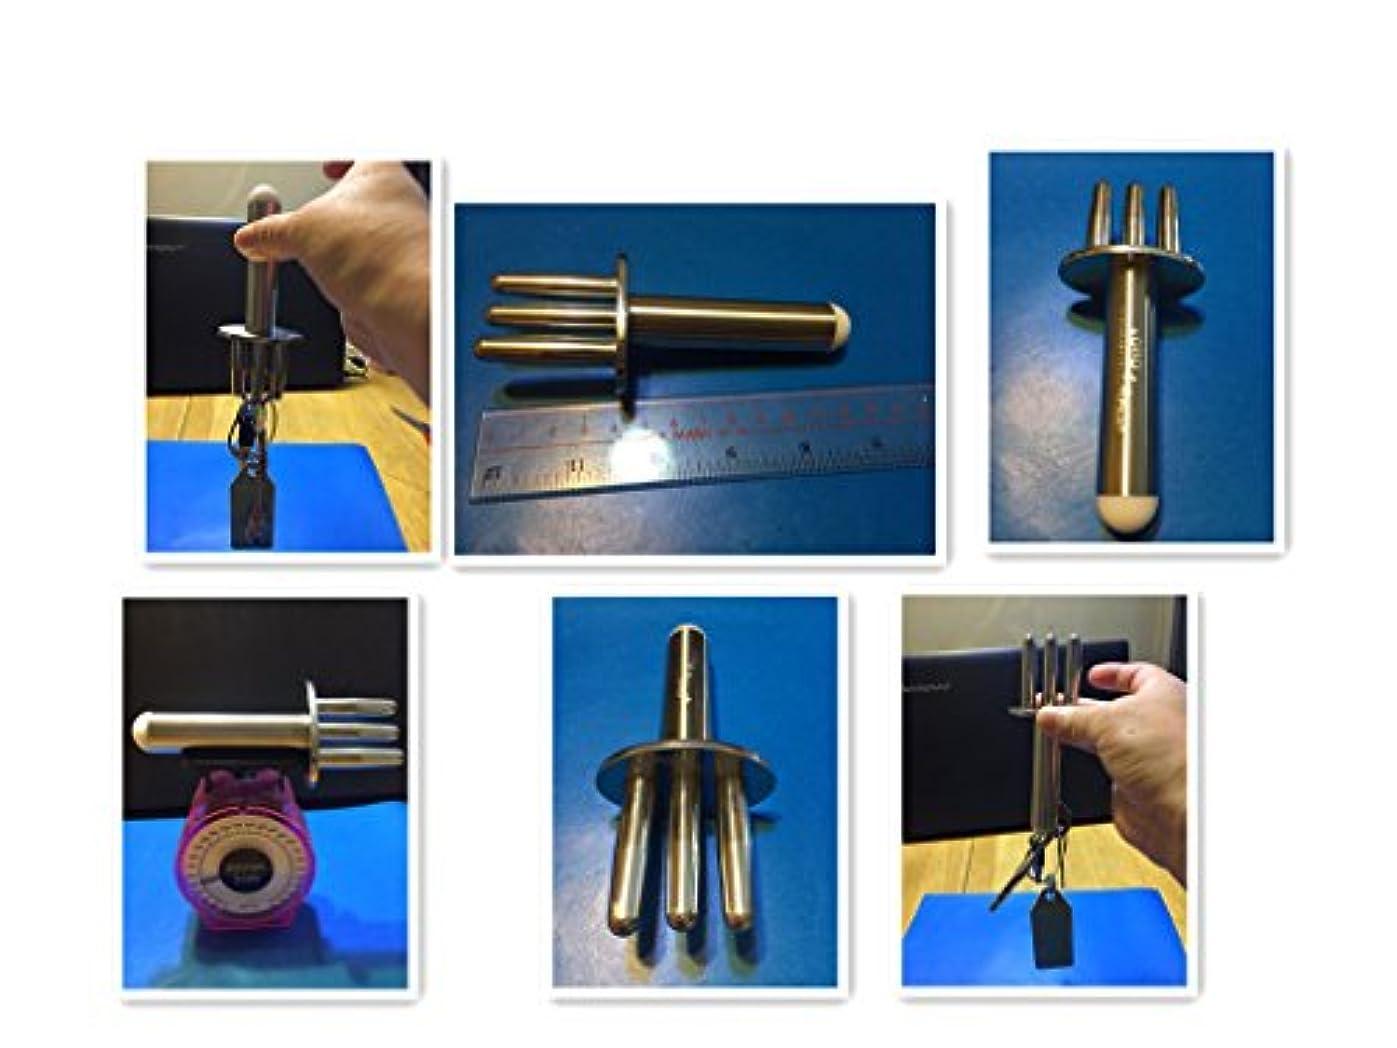 小麦補償レオナルドダ顔ボディ排酸術マサッジ小さな排酸棒マッサジ棒磁力マッサジ棒Echo & Kern はいさんじゅつ、陰極磁力排酸棒北極磁気マッサジ棒、磁気棒、ツボ押し棒 磁気 マッサージ棒 指圧棒 磁力がコリに直接当たる排酸術 …